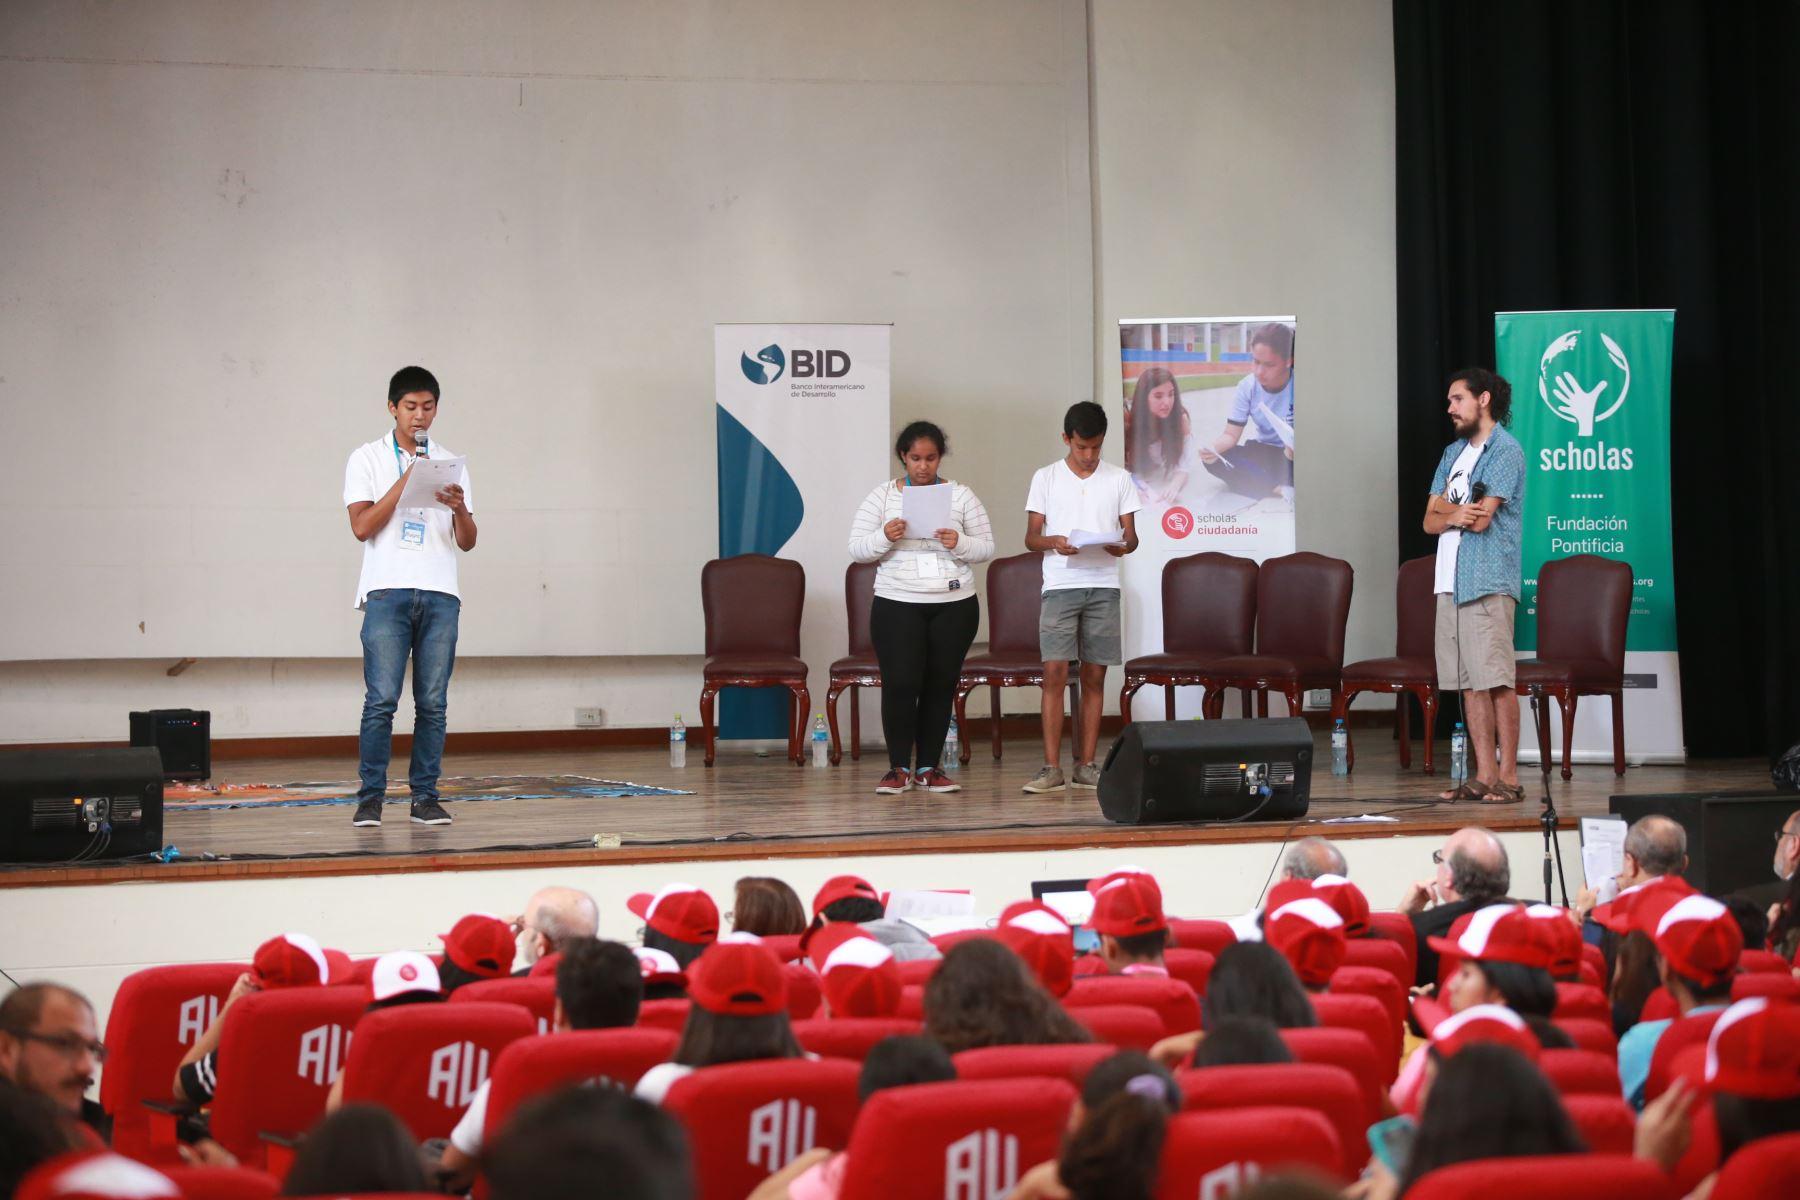 Estudiantes de 33 colegios exponen problemas sociales como la discriminación y la centralización ante el ministro de Educación, Idel Vexler. Foto: ANDINA Jhony Laurente